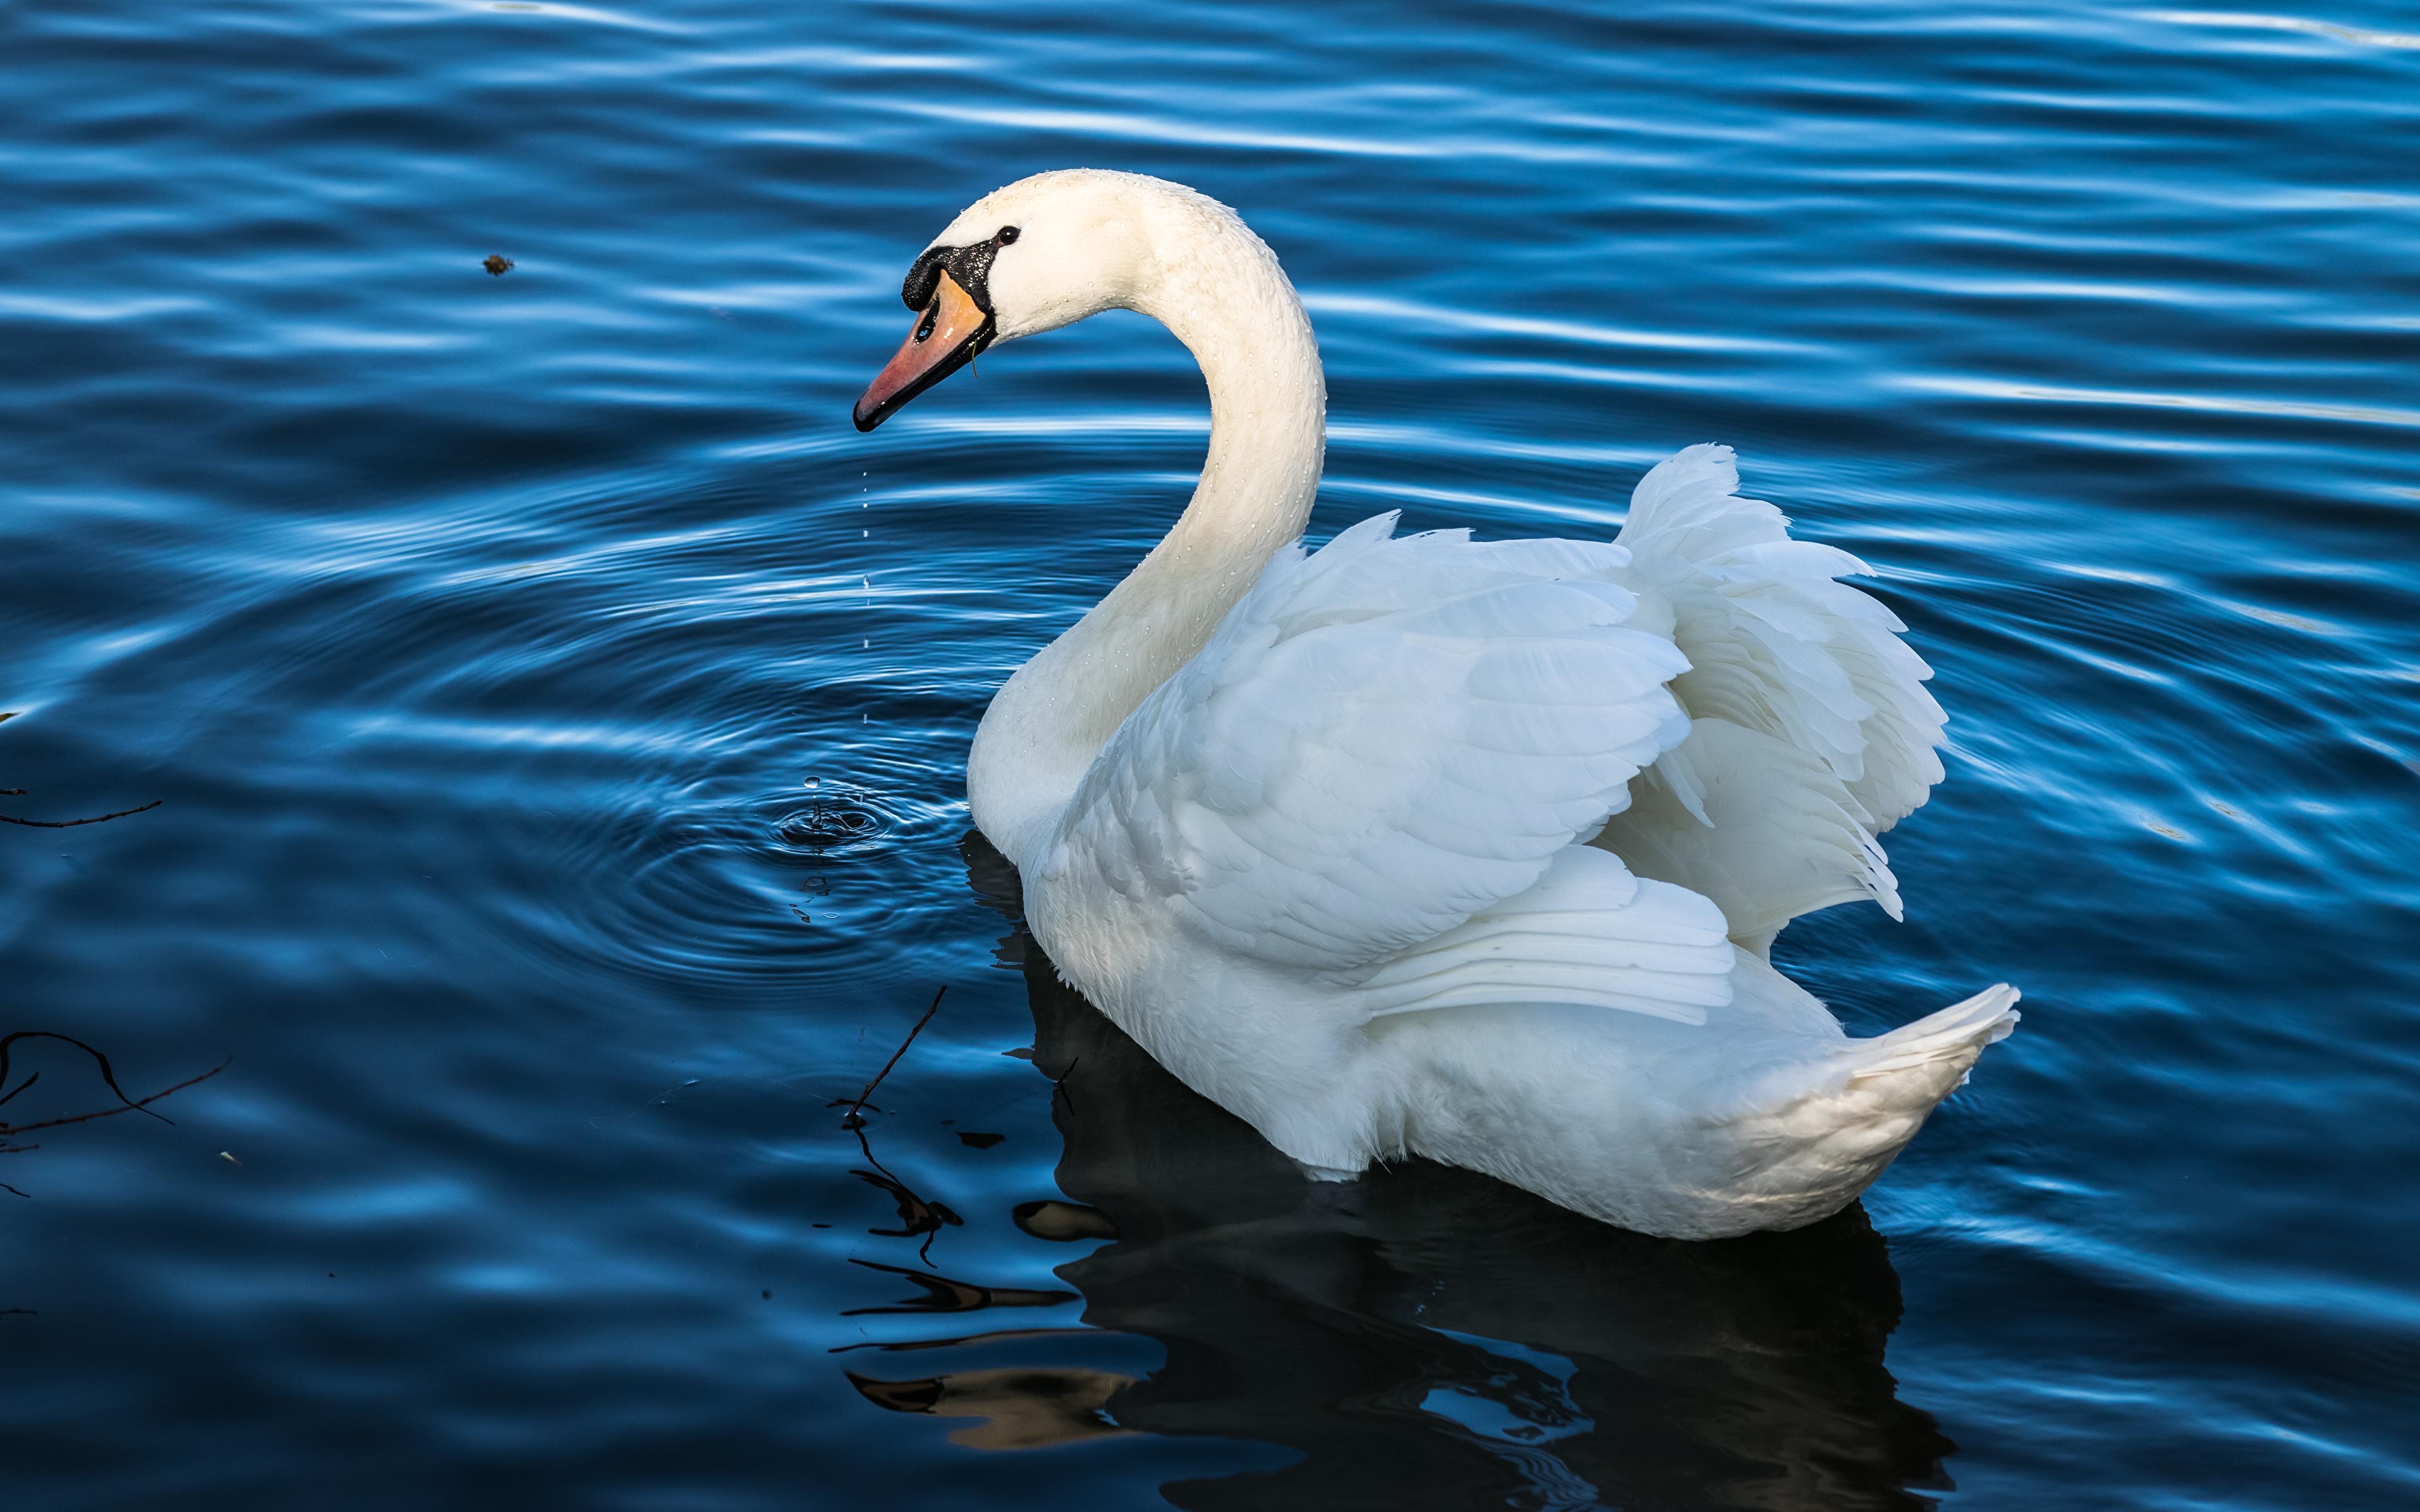 природа животные белые лебеди море бесплатно